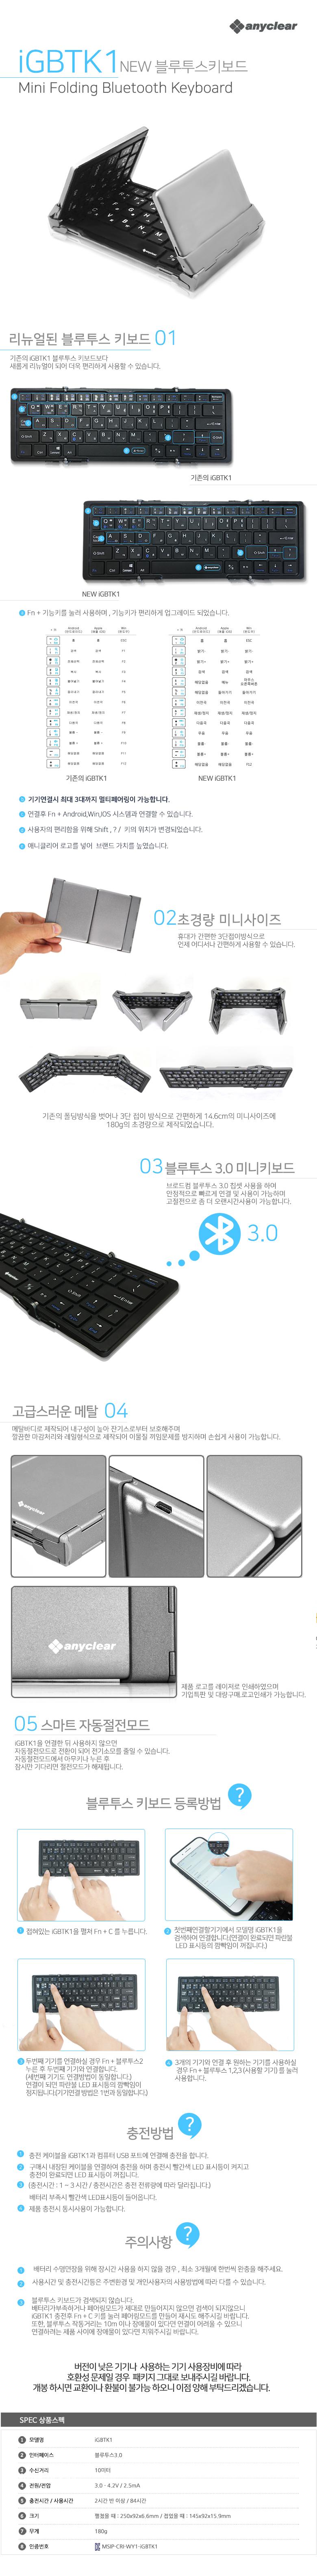 애니클리어 접이식 블루투스 키보드 iGBTK1 - 애니클리어, 45,900원, 키보드, 무선키보드